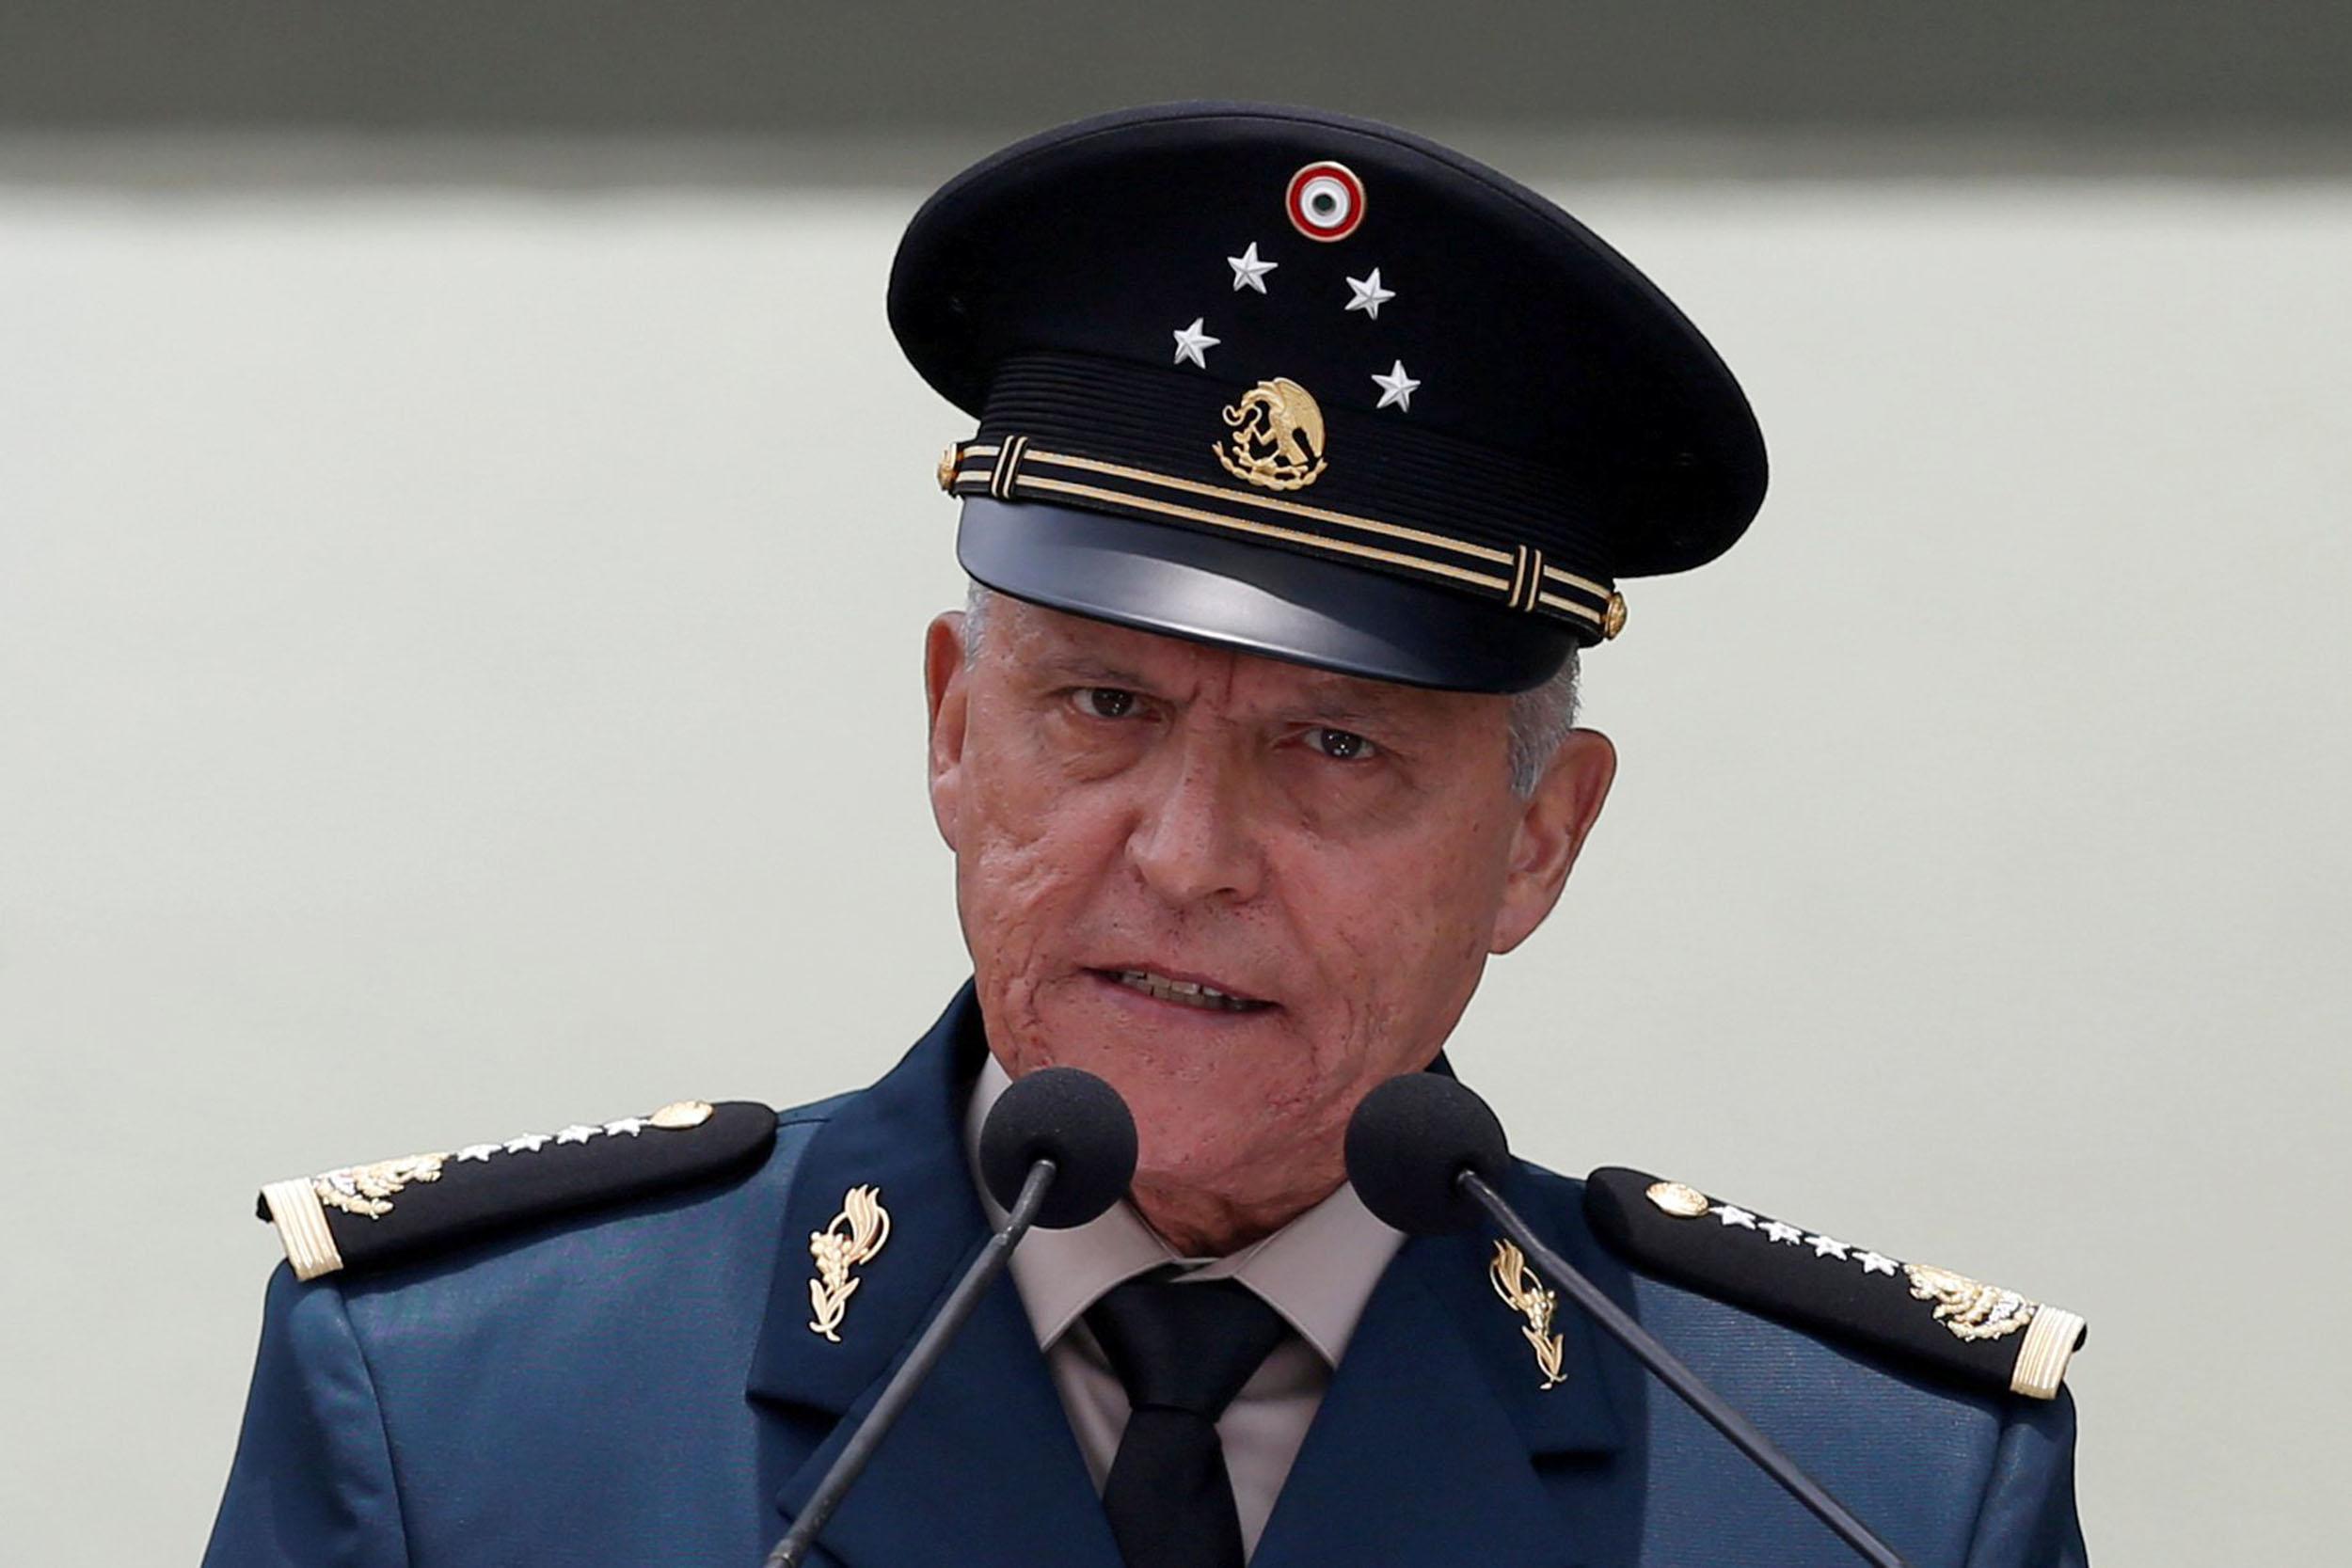 Mexico clears ex-defense chief U.S. had accused of cartel ties